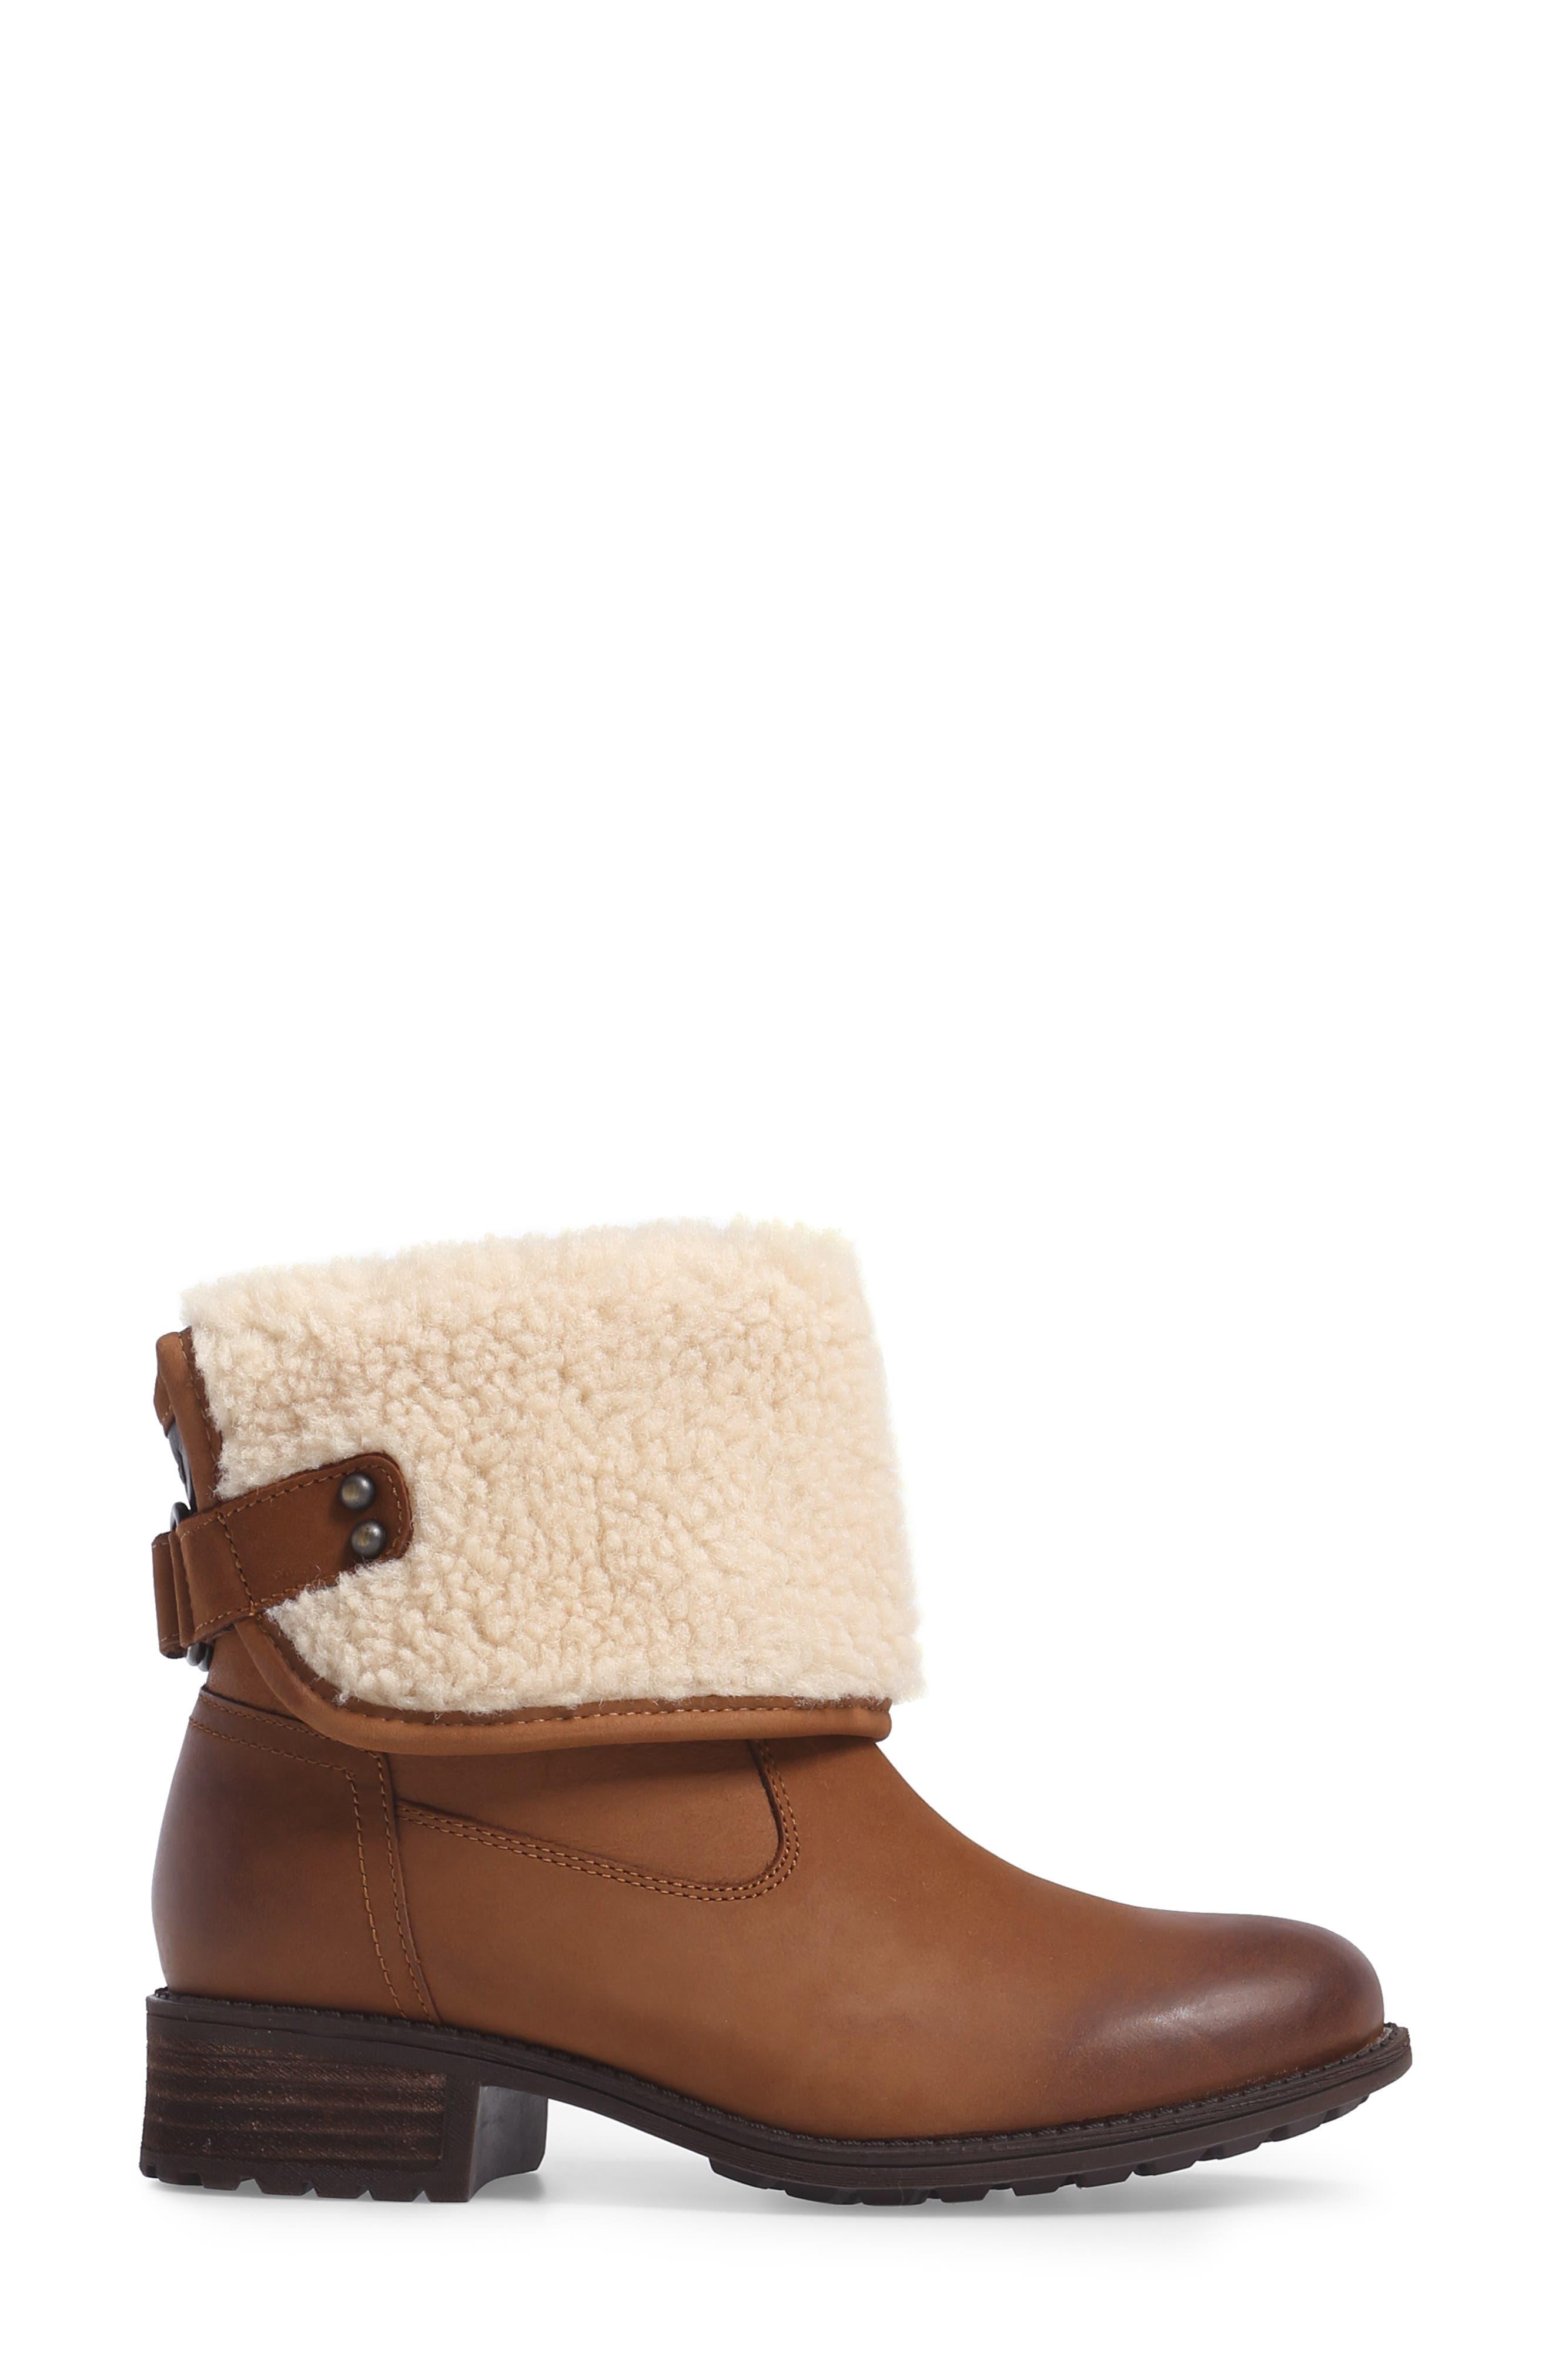 Alternate Image 3  - UGG® Aldon Boot (Women)